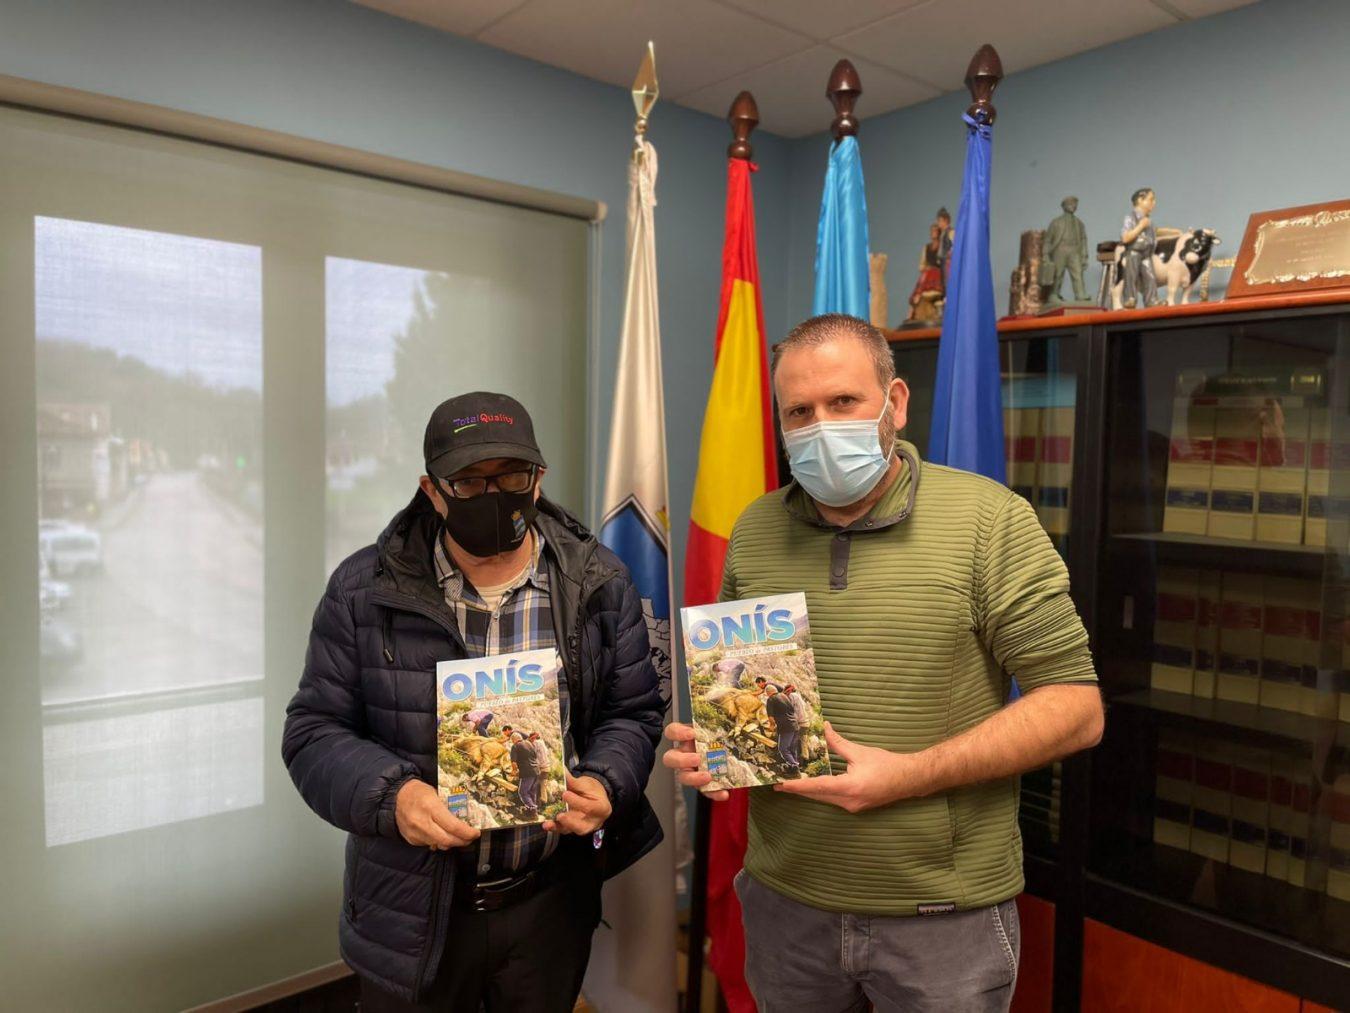 La guía digital sobre el concejo de Onís, Pueblo de Pastores, editada en papel para los vecinos